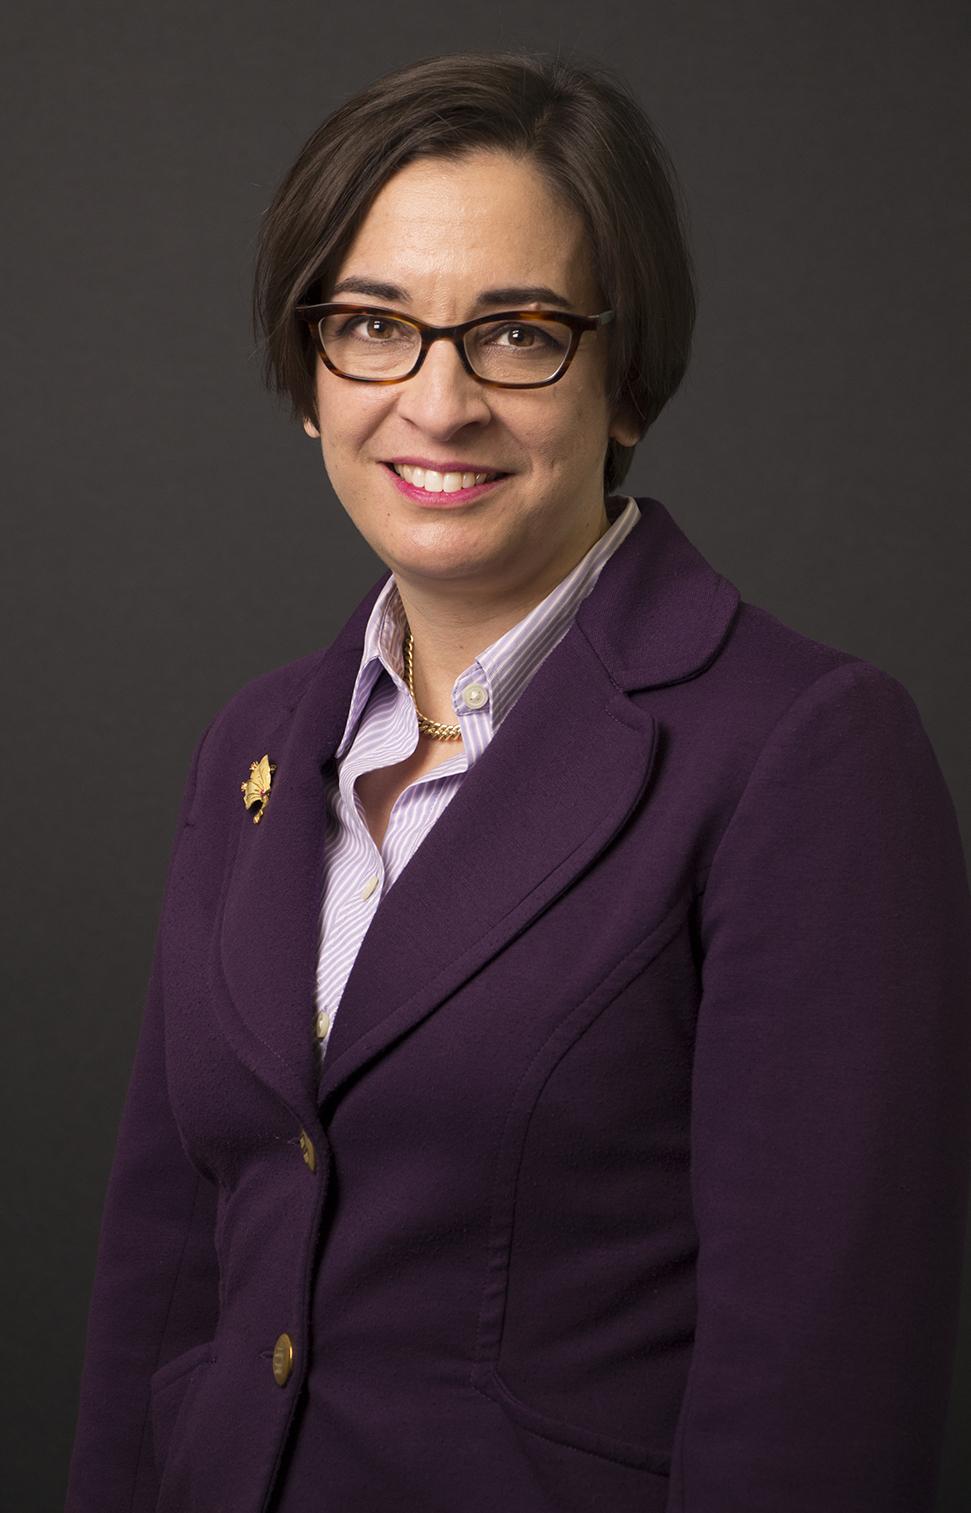 Diane Peressini